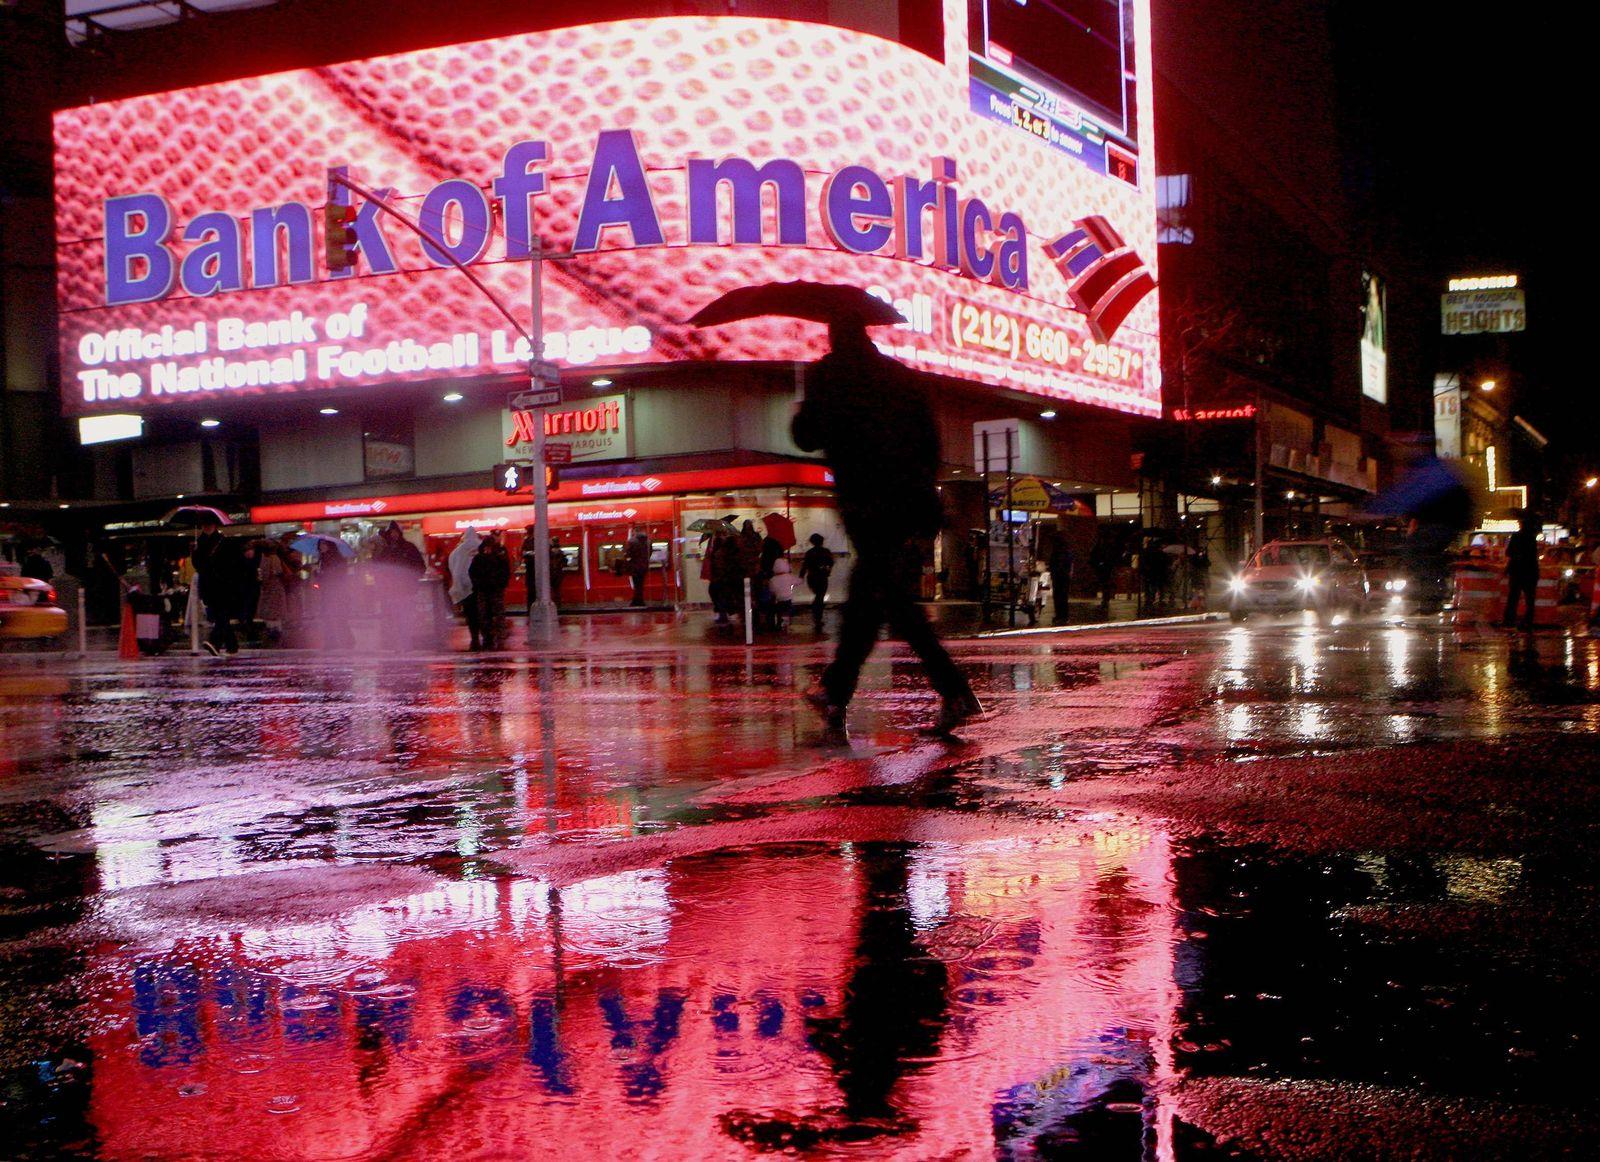 WIKILEAKS-USA/ Bak of America